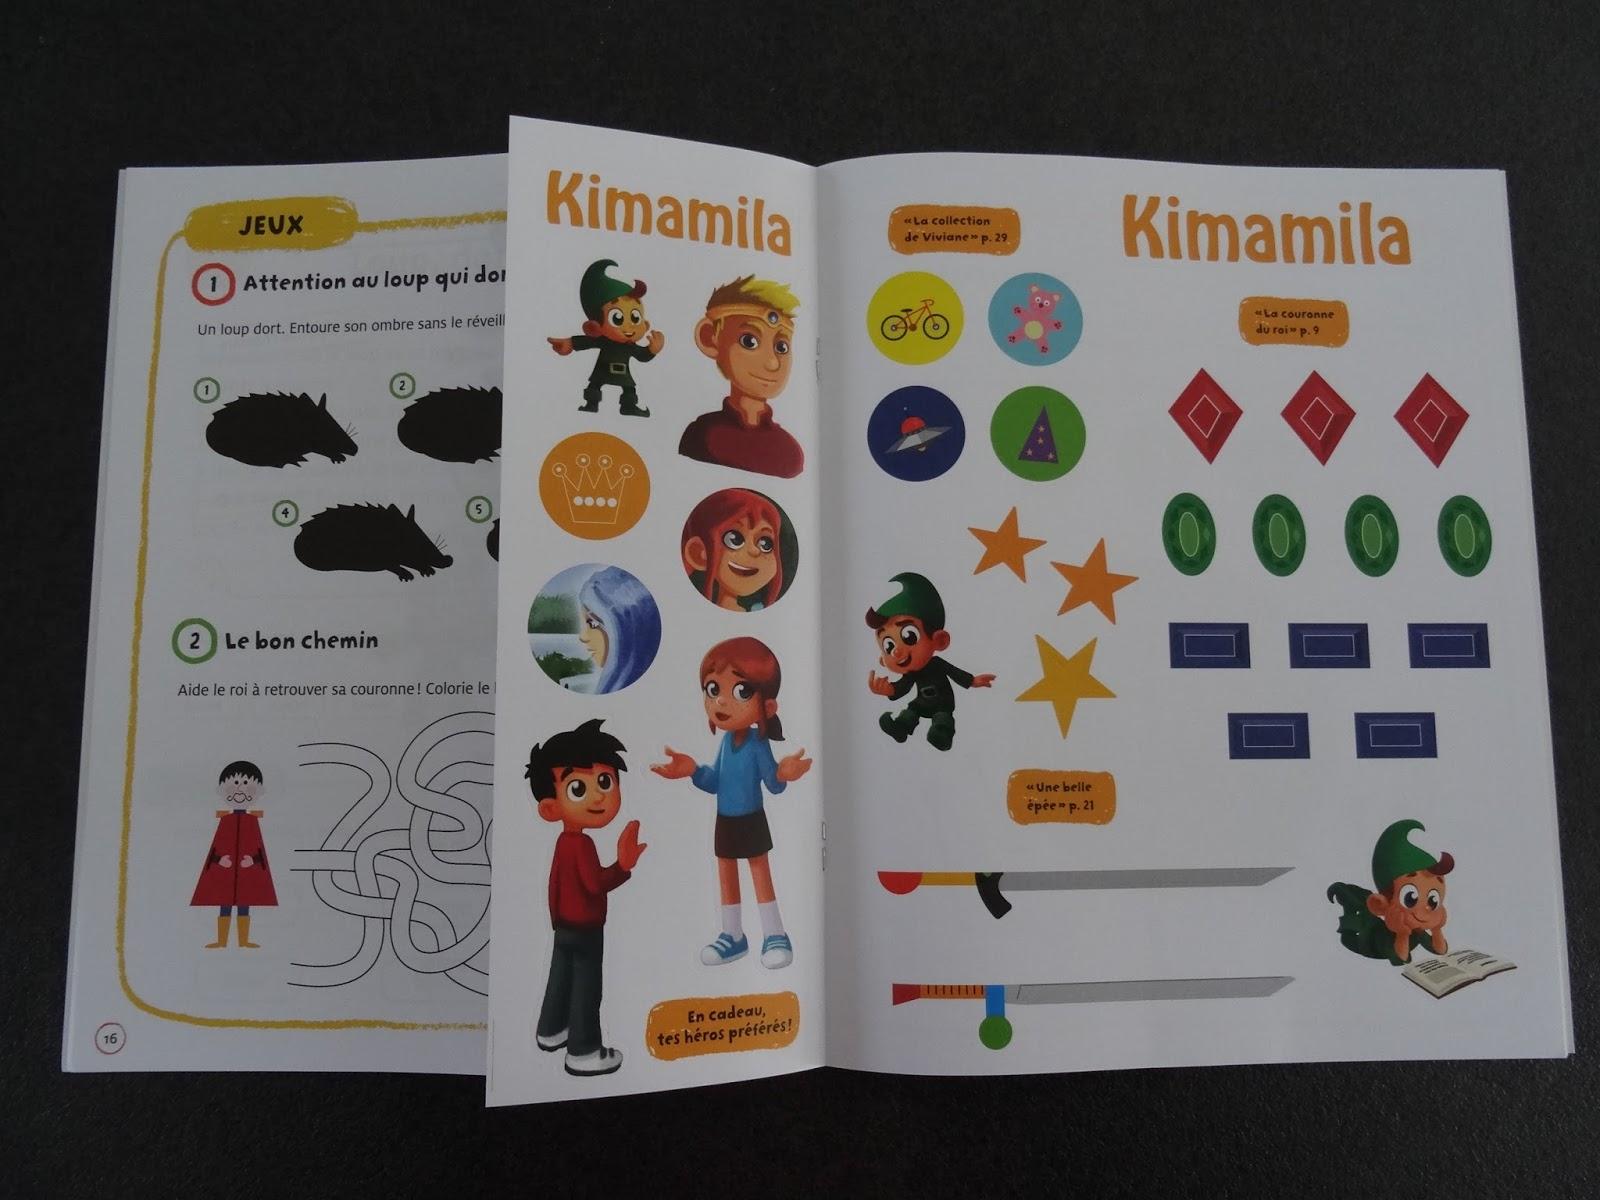 Les Mercredis De Julie Nouveautés Kimamila Aventures Livres Jeux